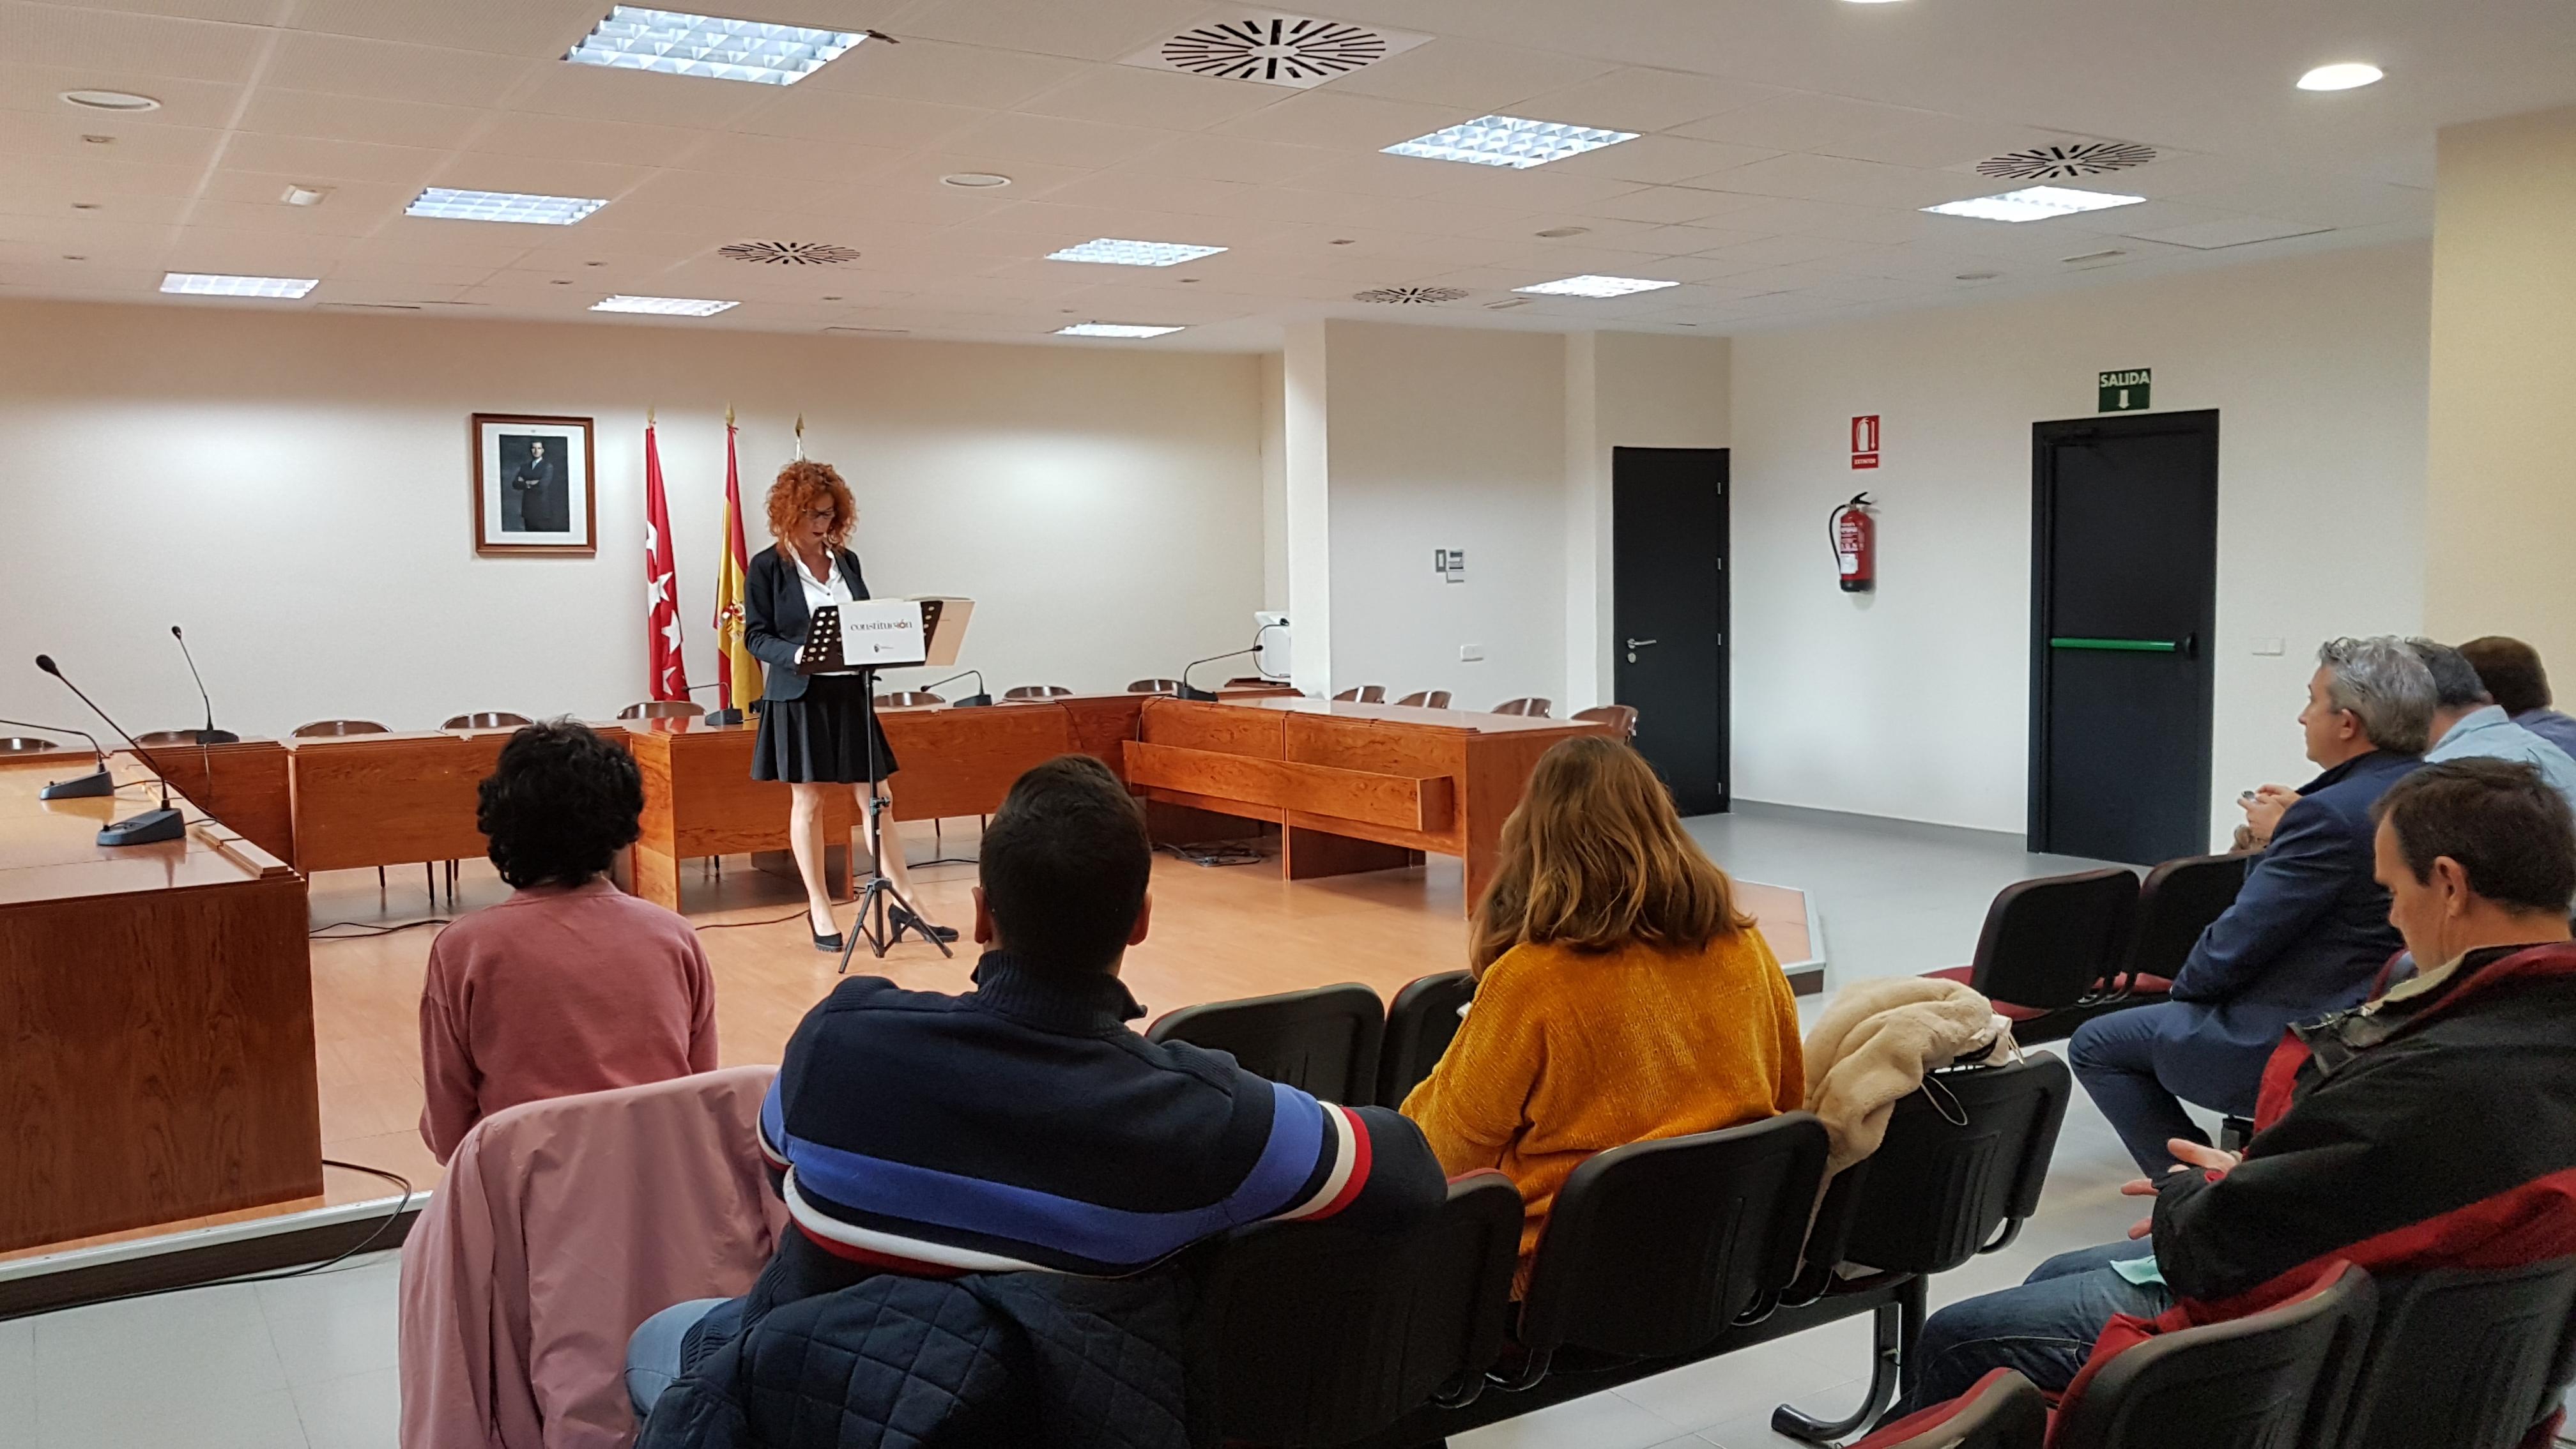 El salón de plenos del Ayuntamiento de Velilla ha acogido esta mañana la lectura pública de la Constitución Española